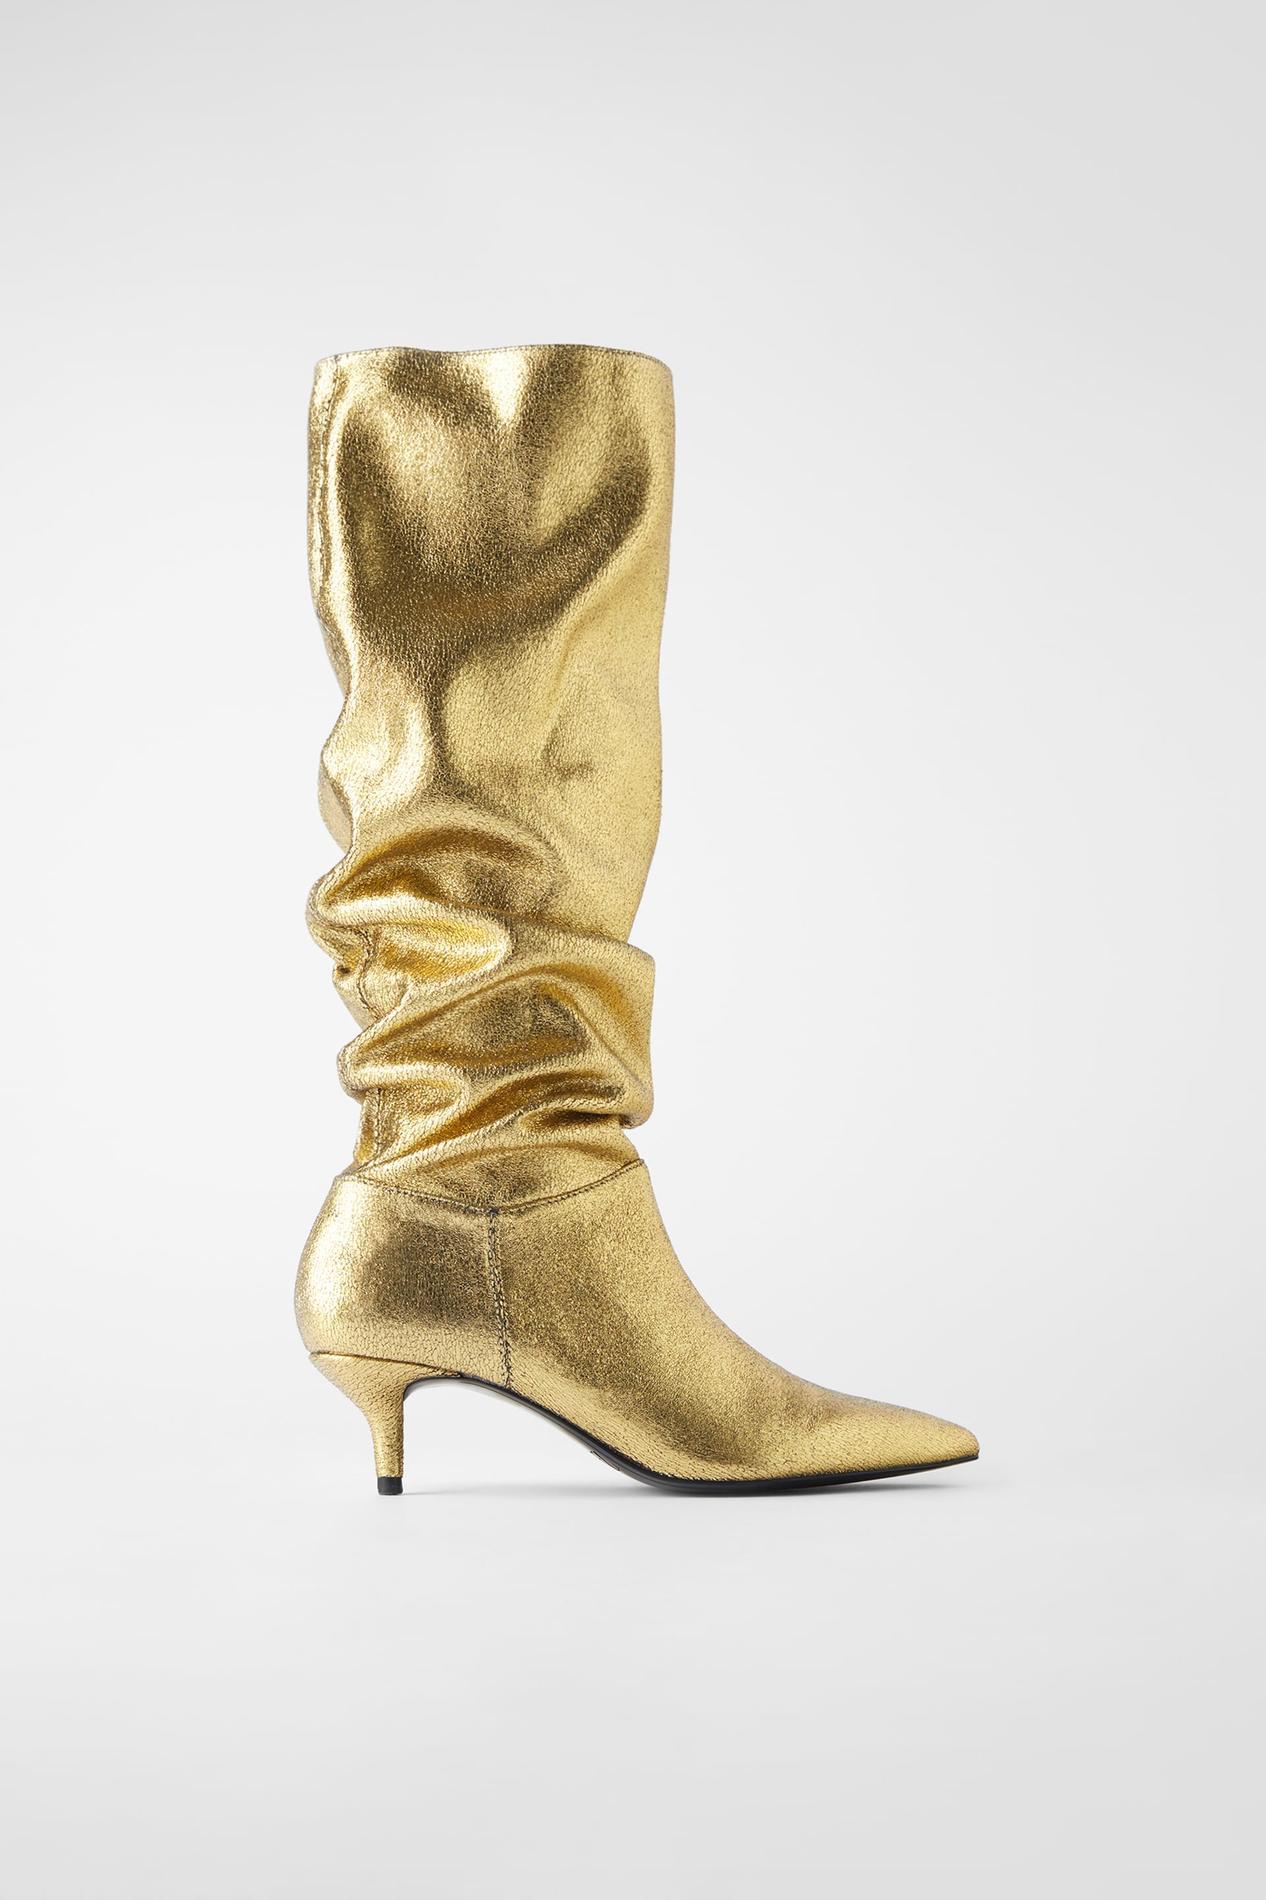 Boots, bottes, bottines cet hiver, nos pieds se chaussent